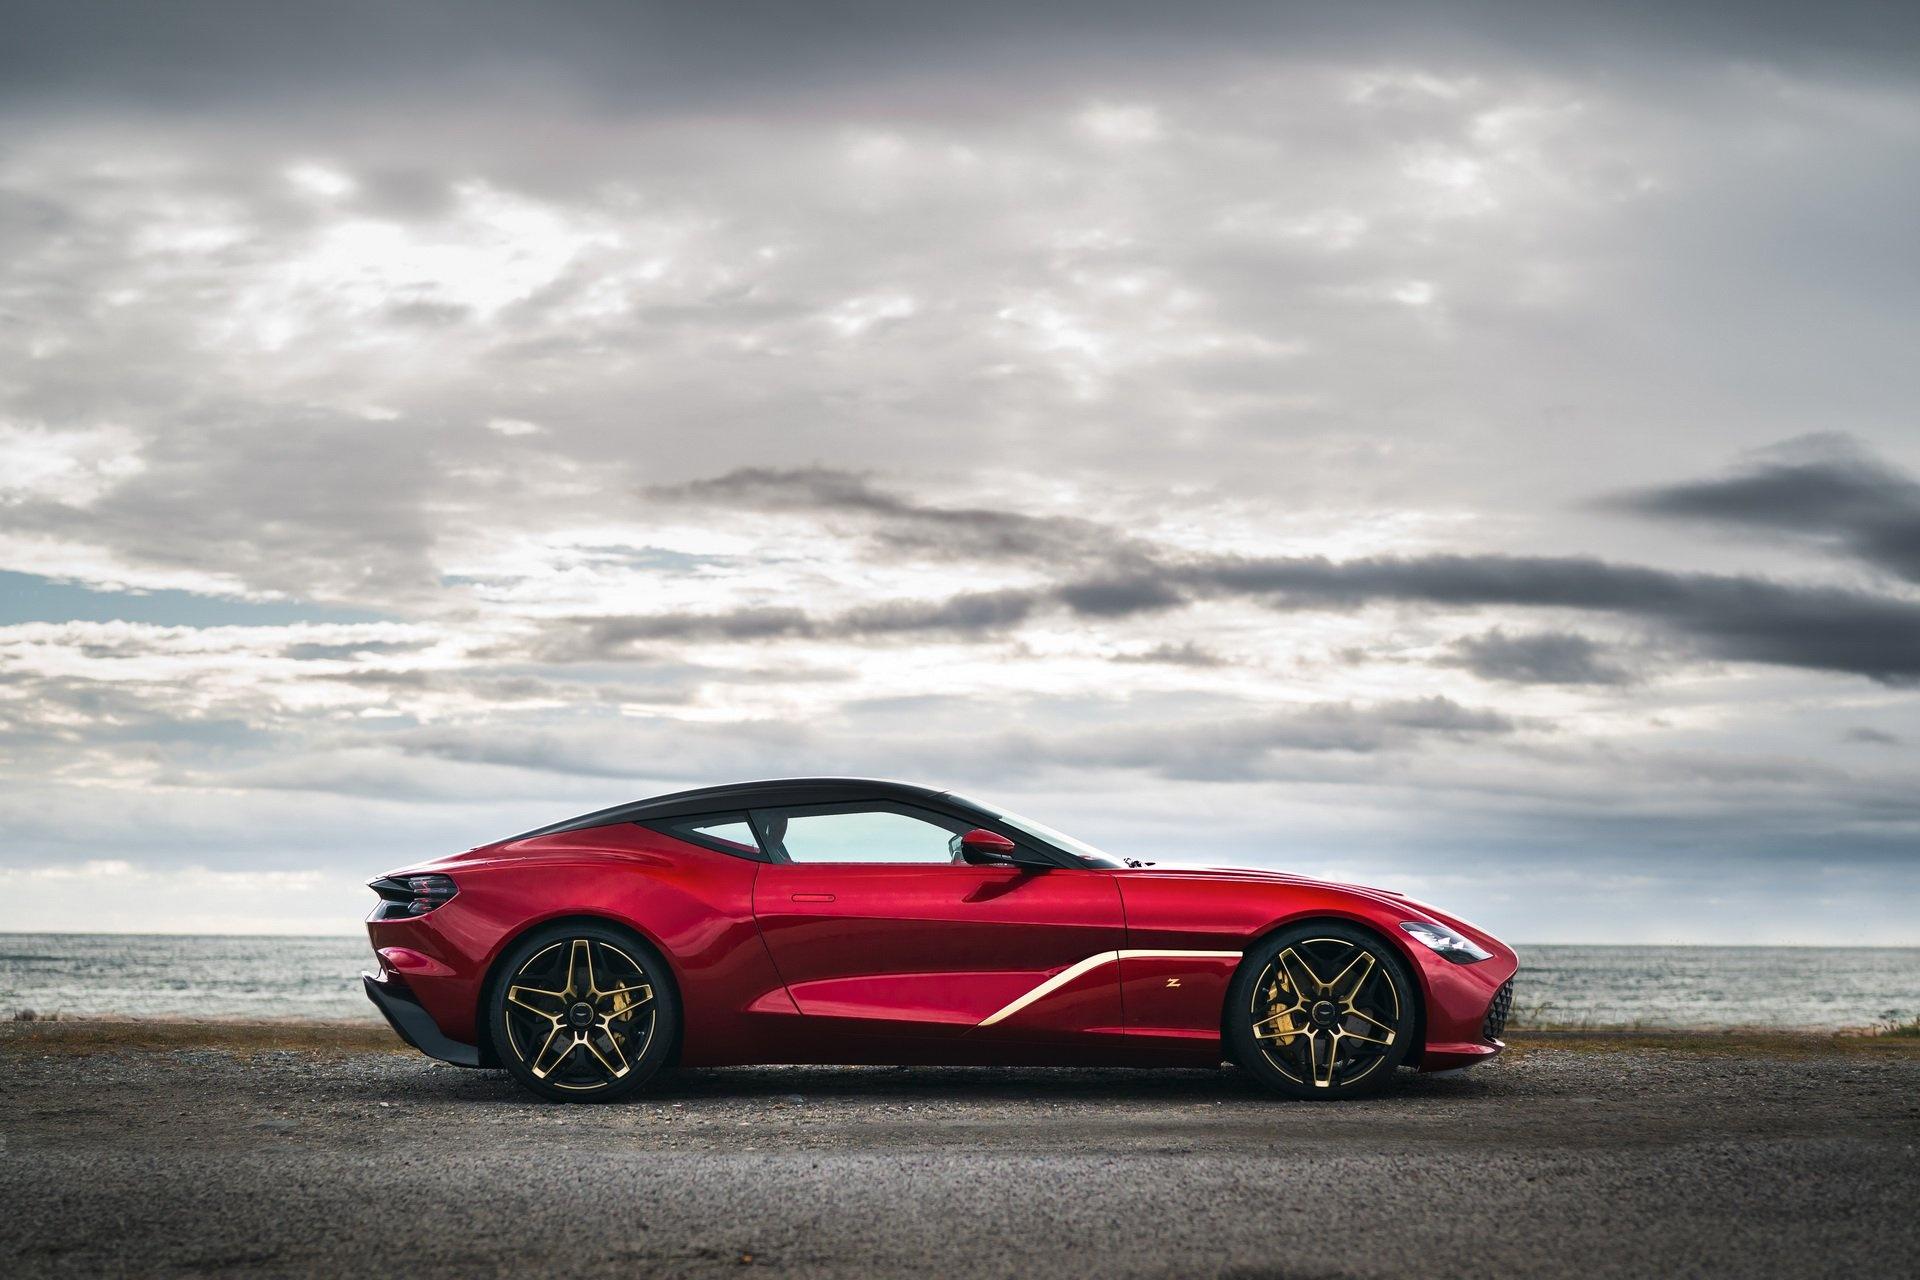 Aston Martin ra mat sieu xe dat vang gia trieu USD hinh anh 6